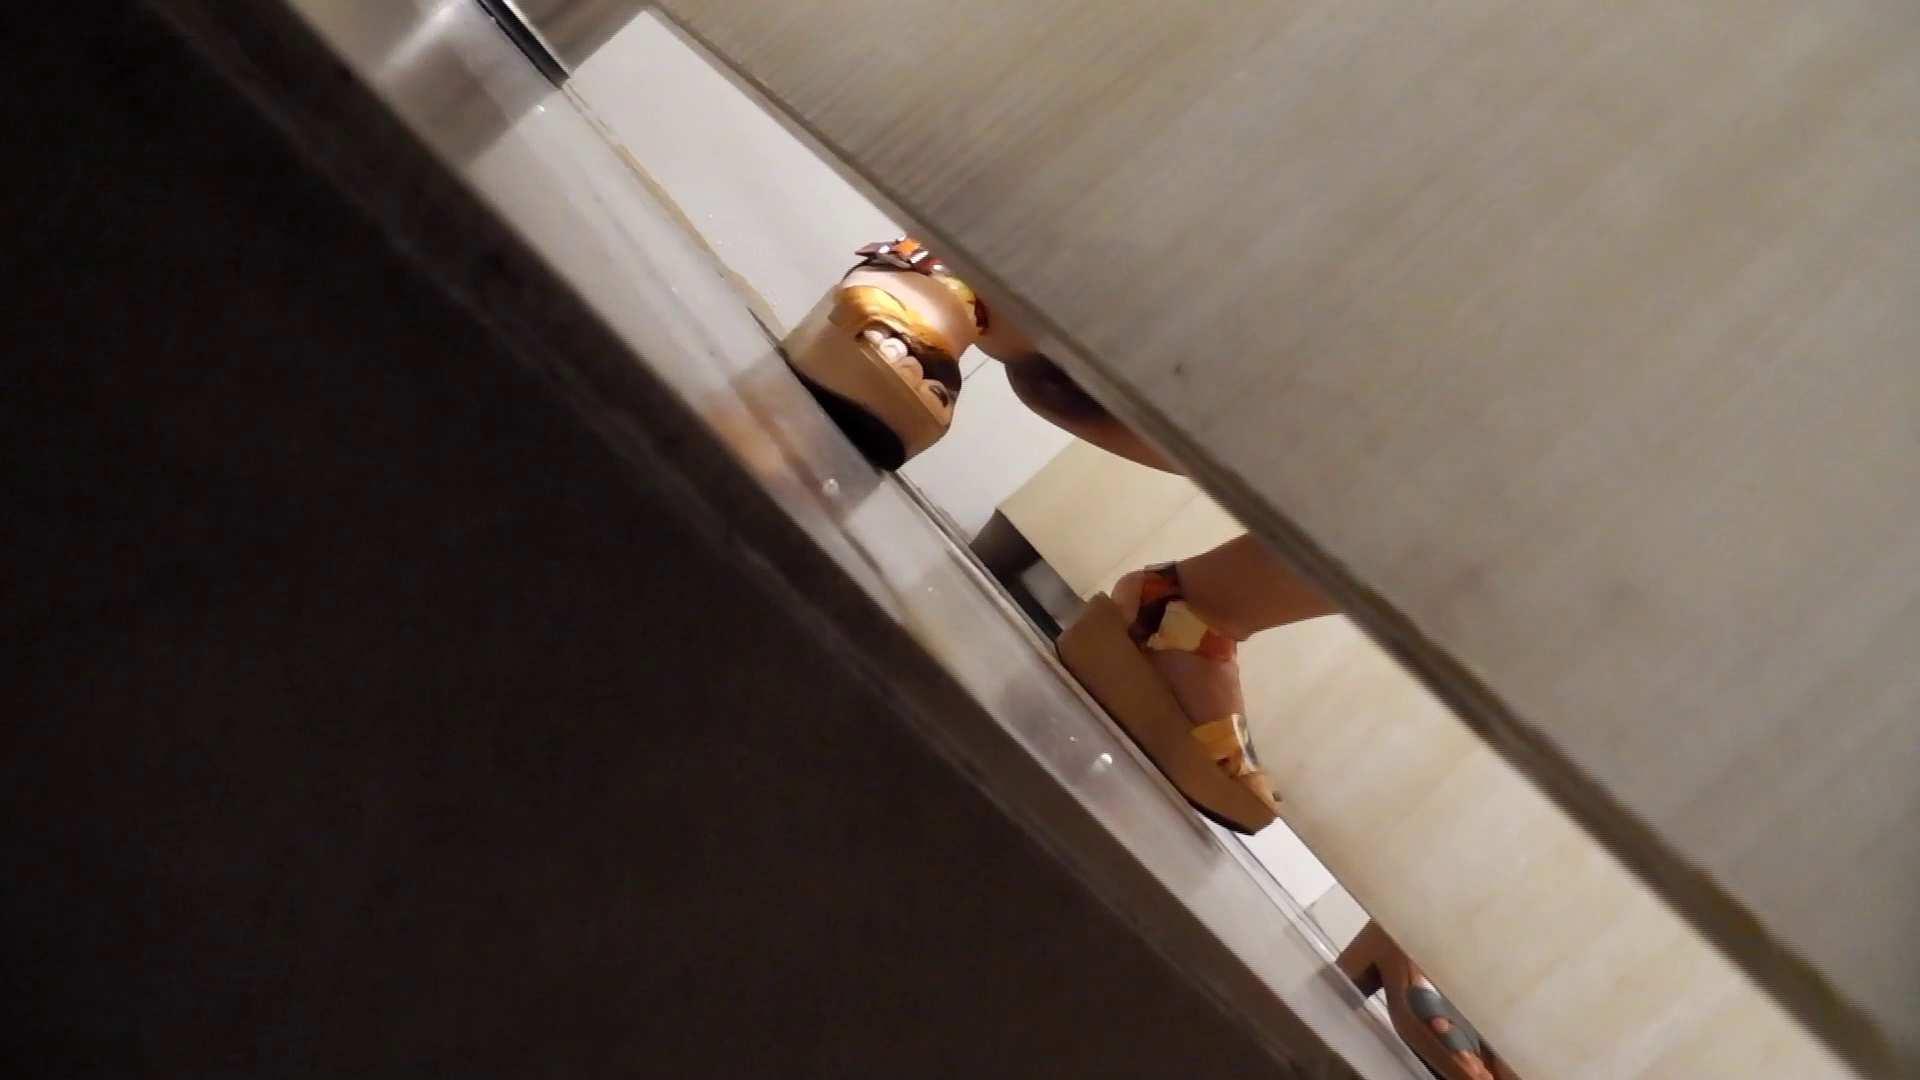 和式洋式七変化 Vol.31 洋式だけど丸見えですっ!! 丸見えマンコ | 高画質  96画像 54